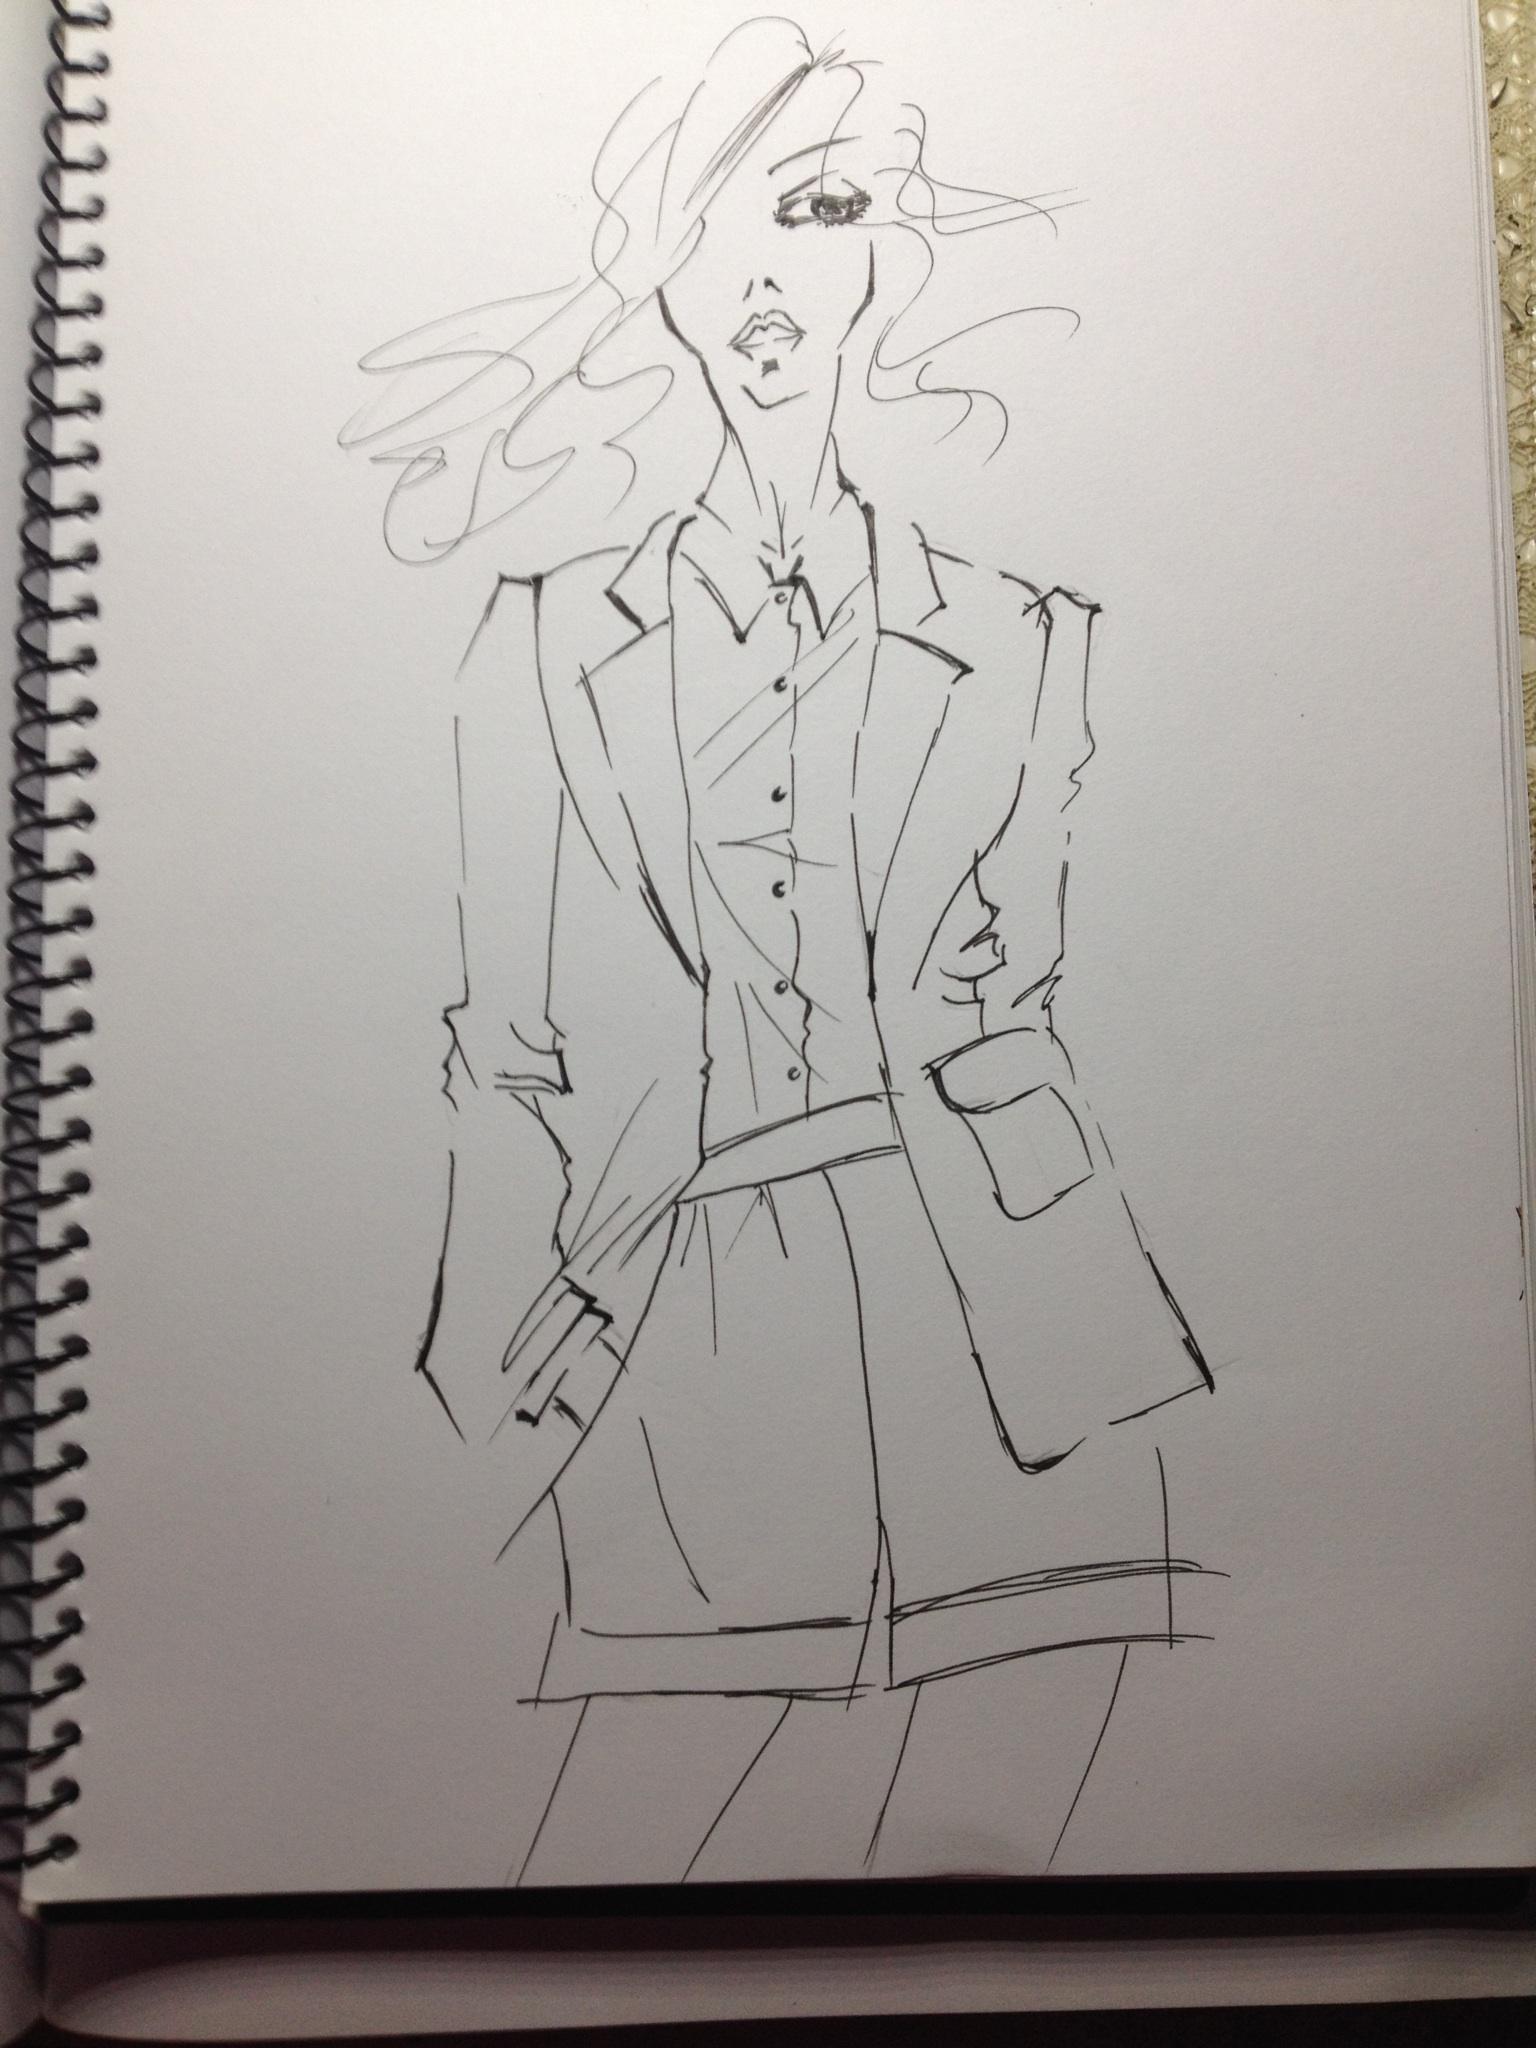 时装画二-女装|纯艺术|彩铅|xhh1002883 - 原创作品